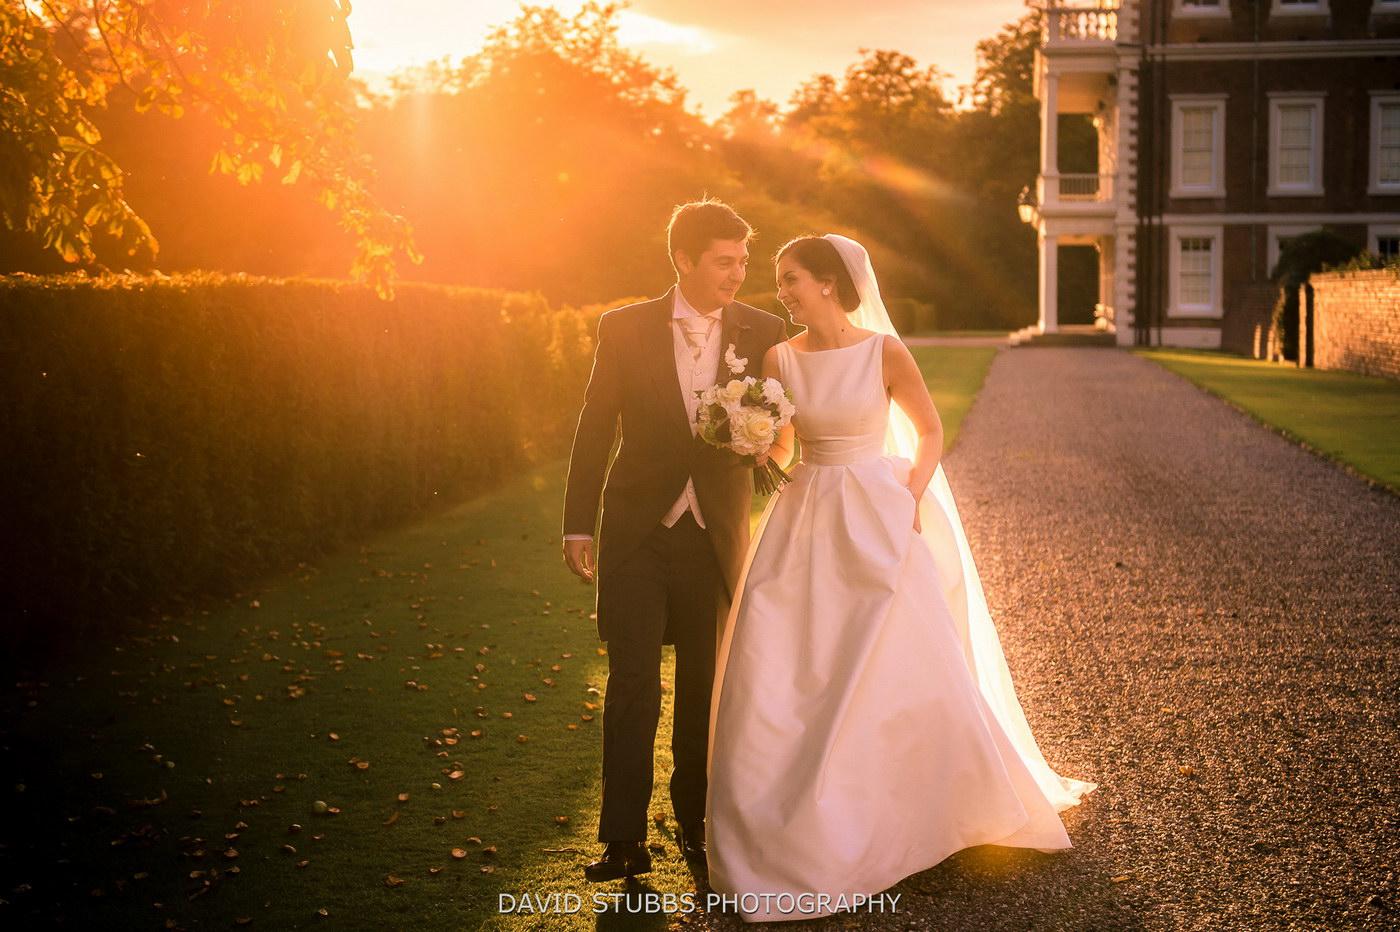 Ce melodii ascultati in ziua nuntii?